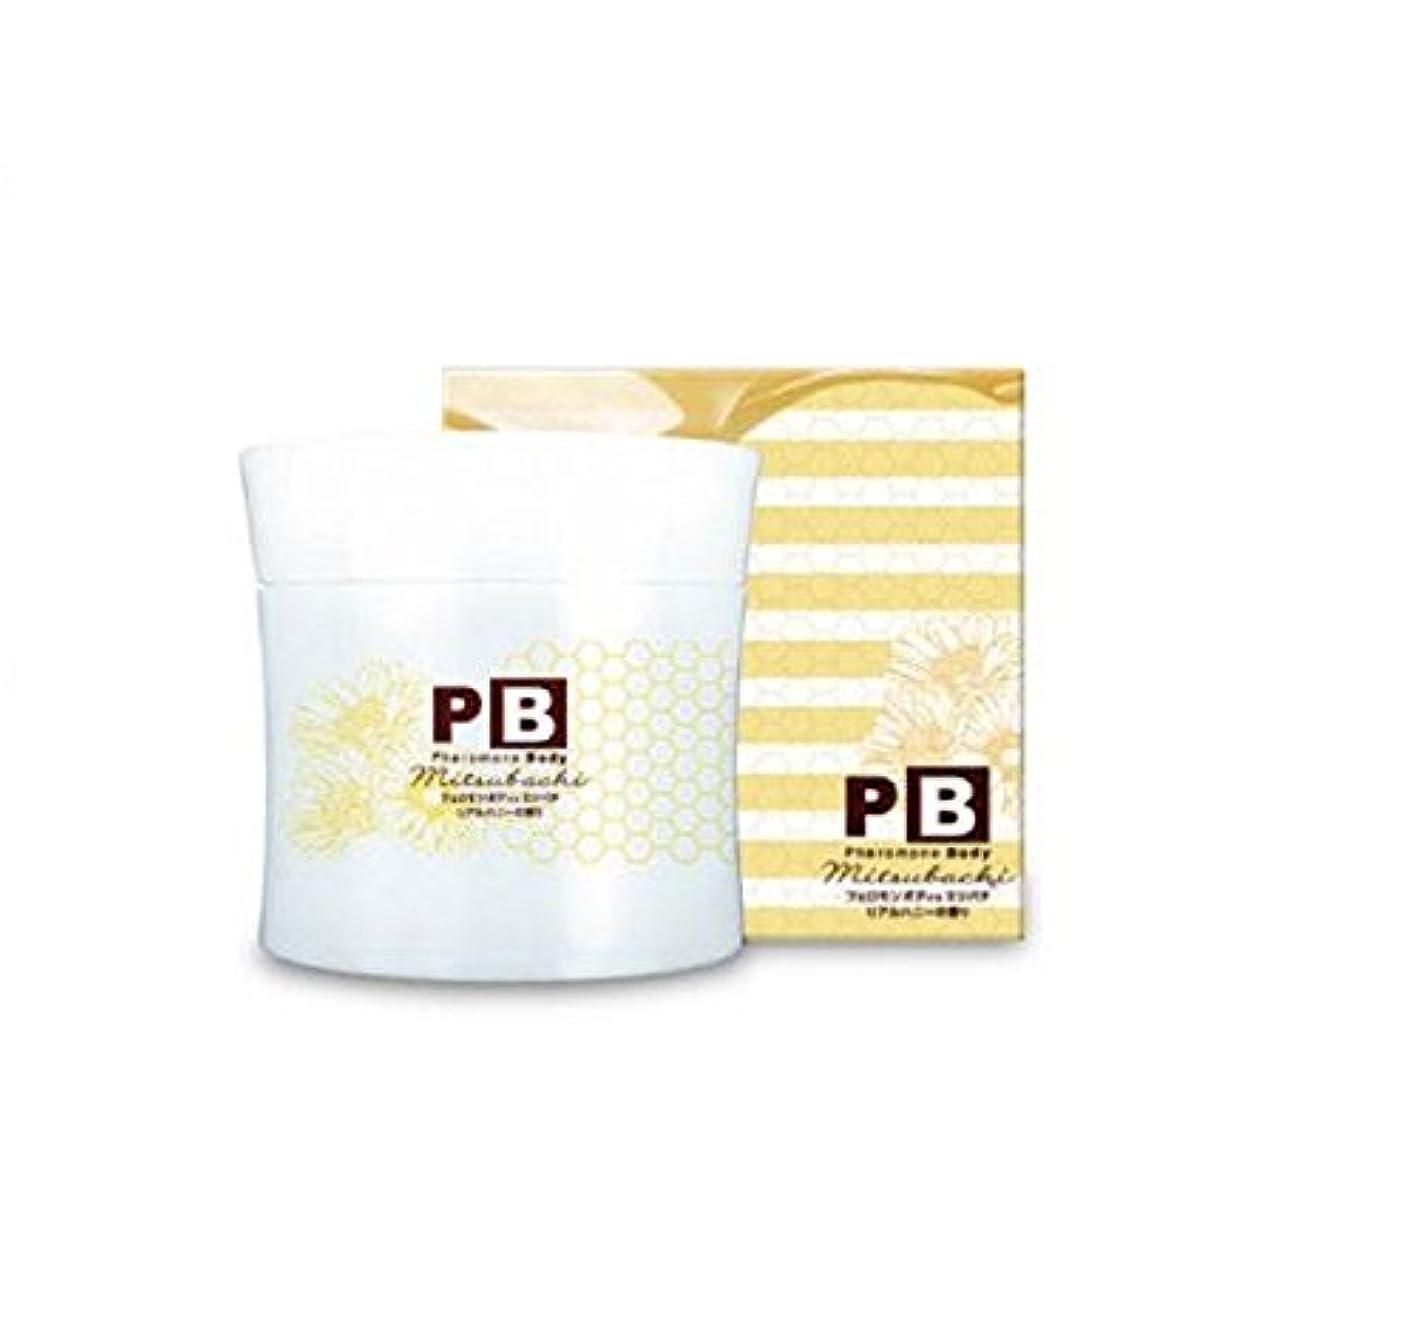 特性ラビリンス結婚式Pheromone body(フェロモンボディ)® ミツバチ 500g